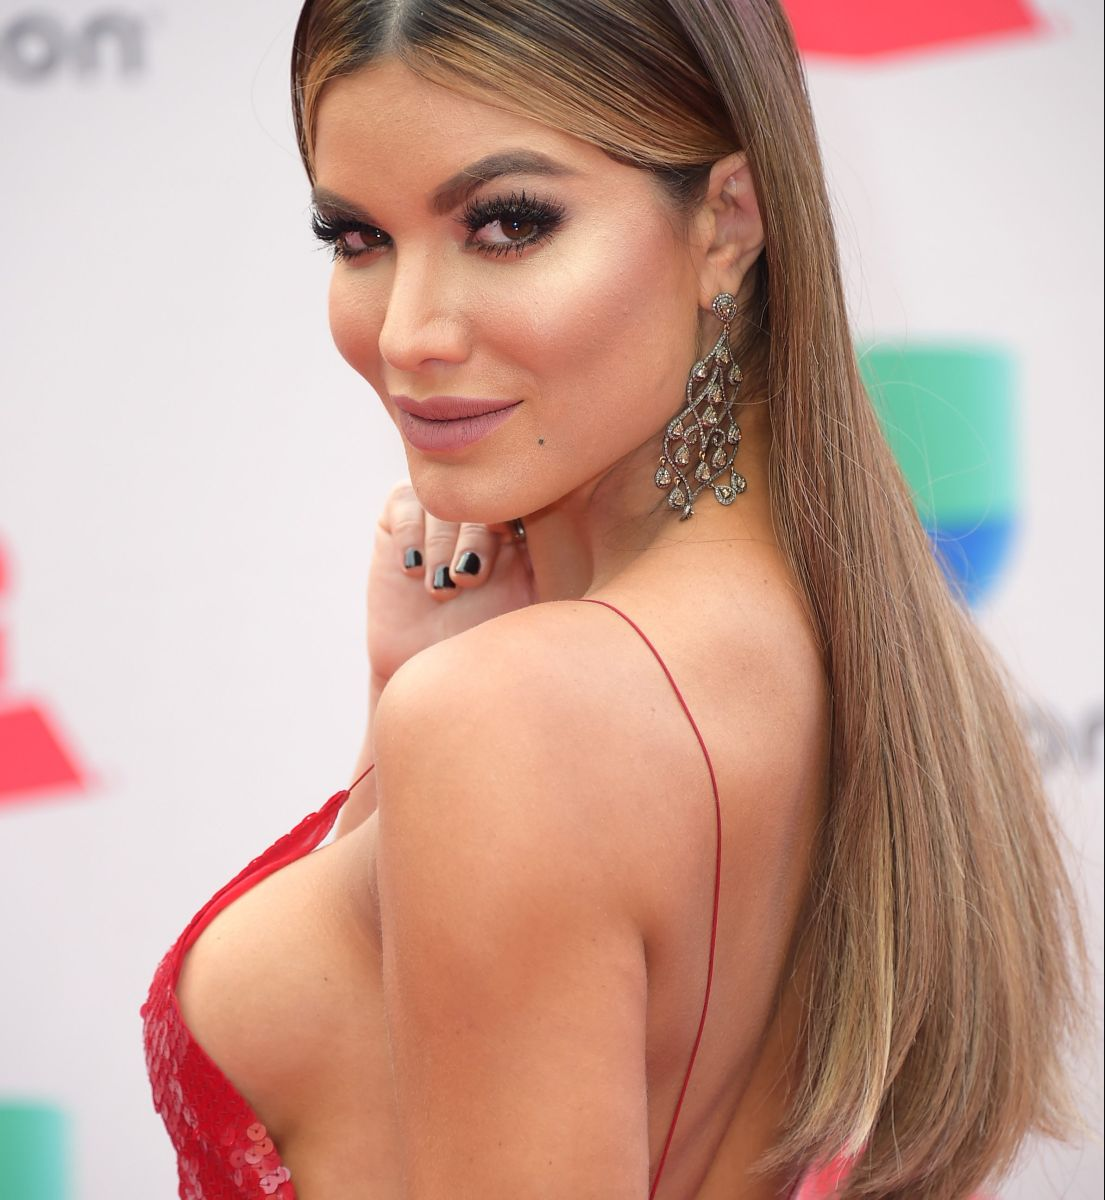 Novia de Nicky Jam, Aleska Génesis, confirma el noviazgo  pero la acusan por ex mafioso y por haber salido con Maluma y Sebastián Yatra.